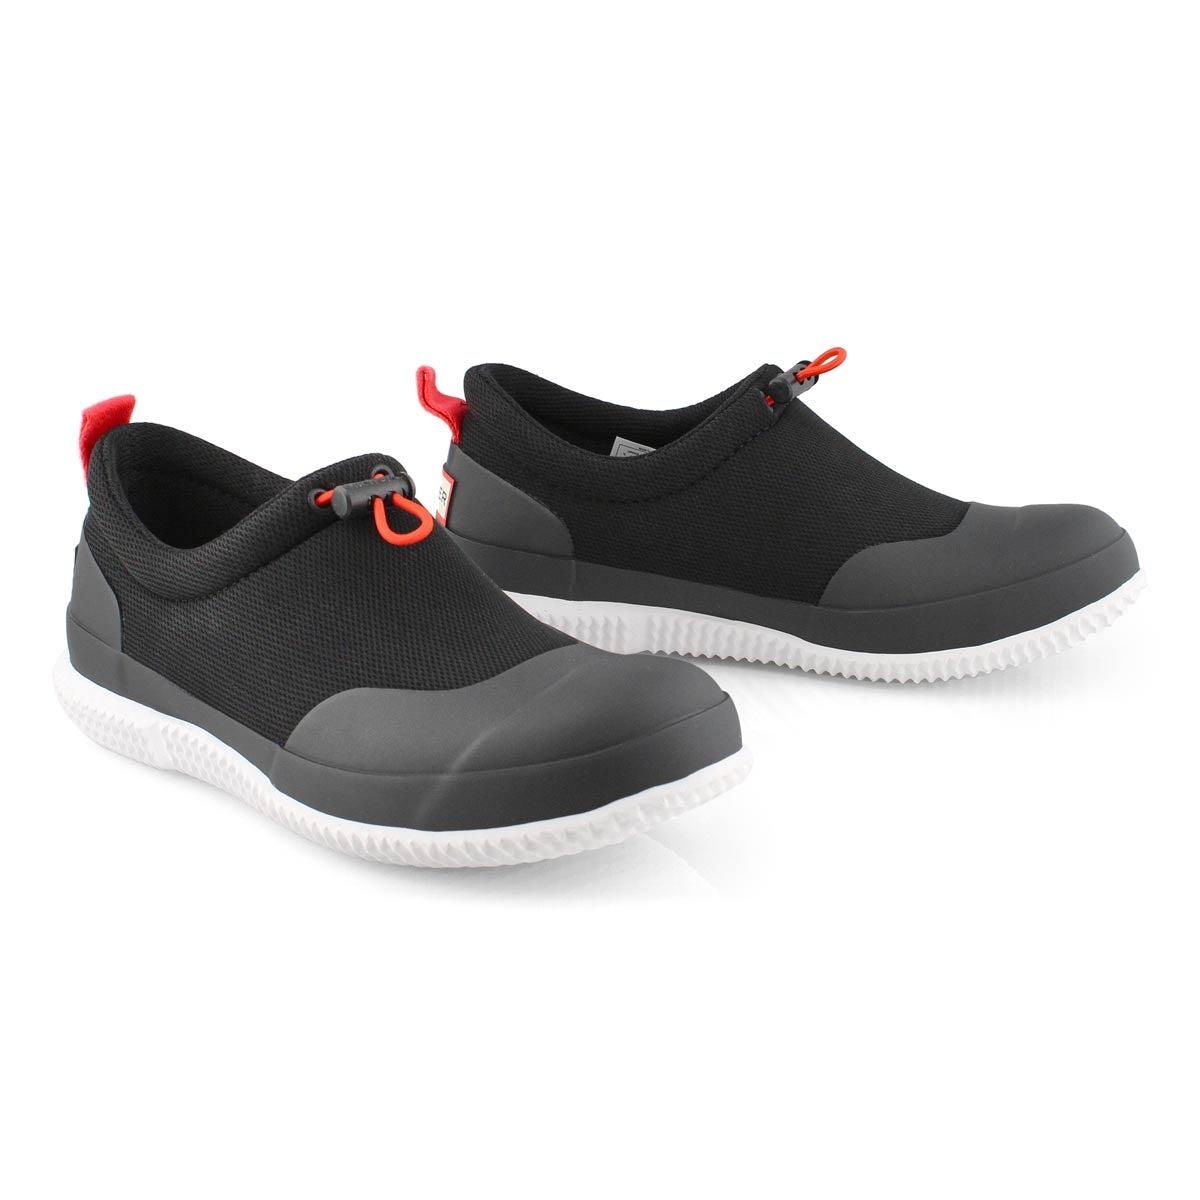 Lds Original Mesh black casual loafer